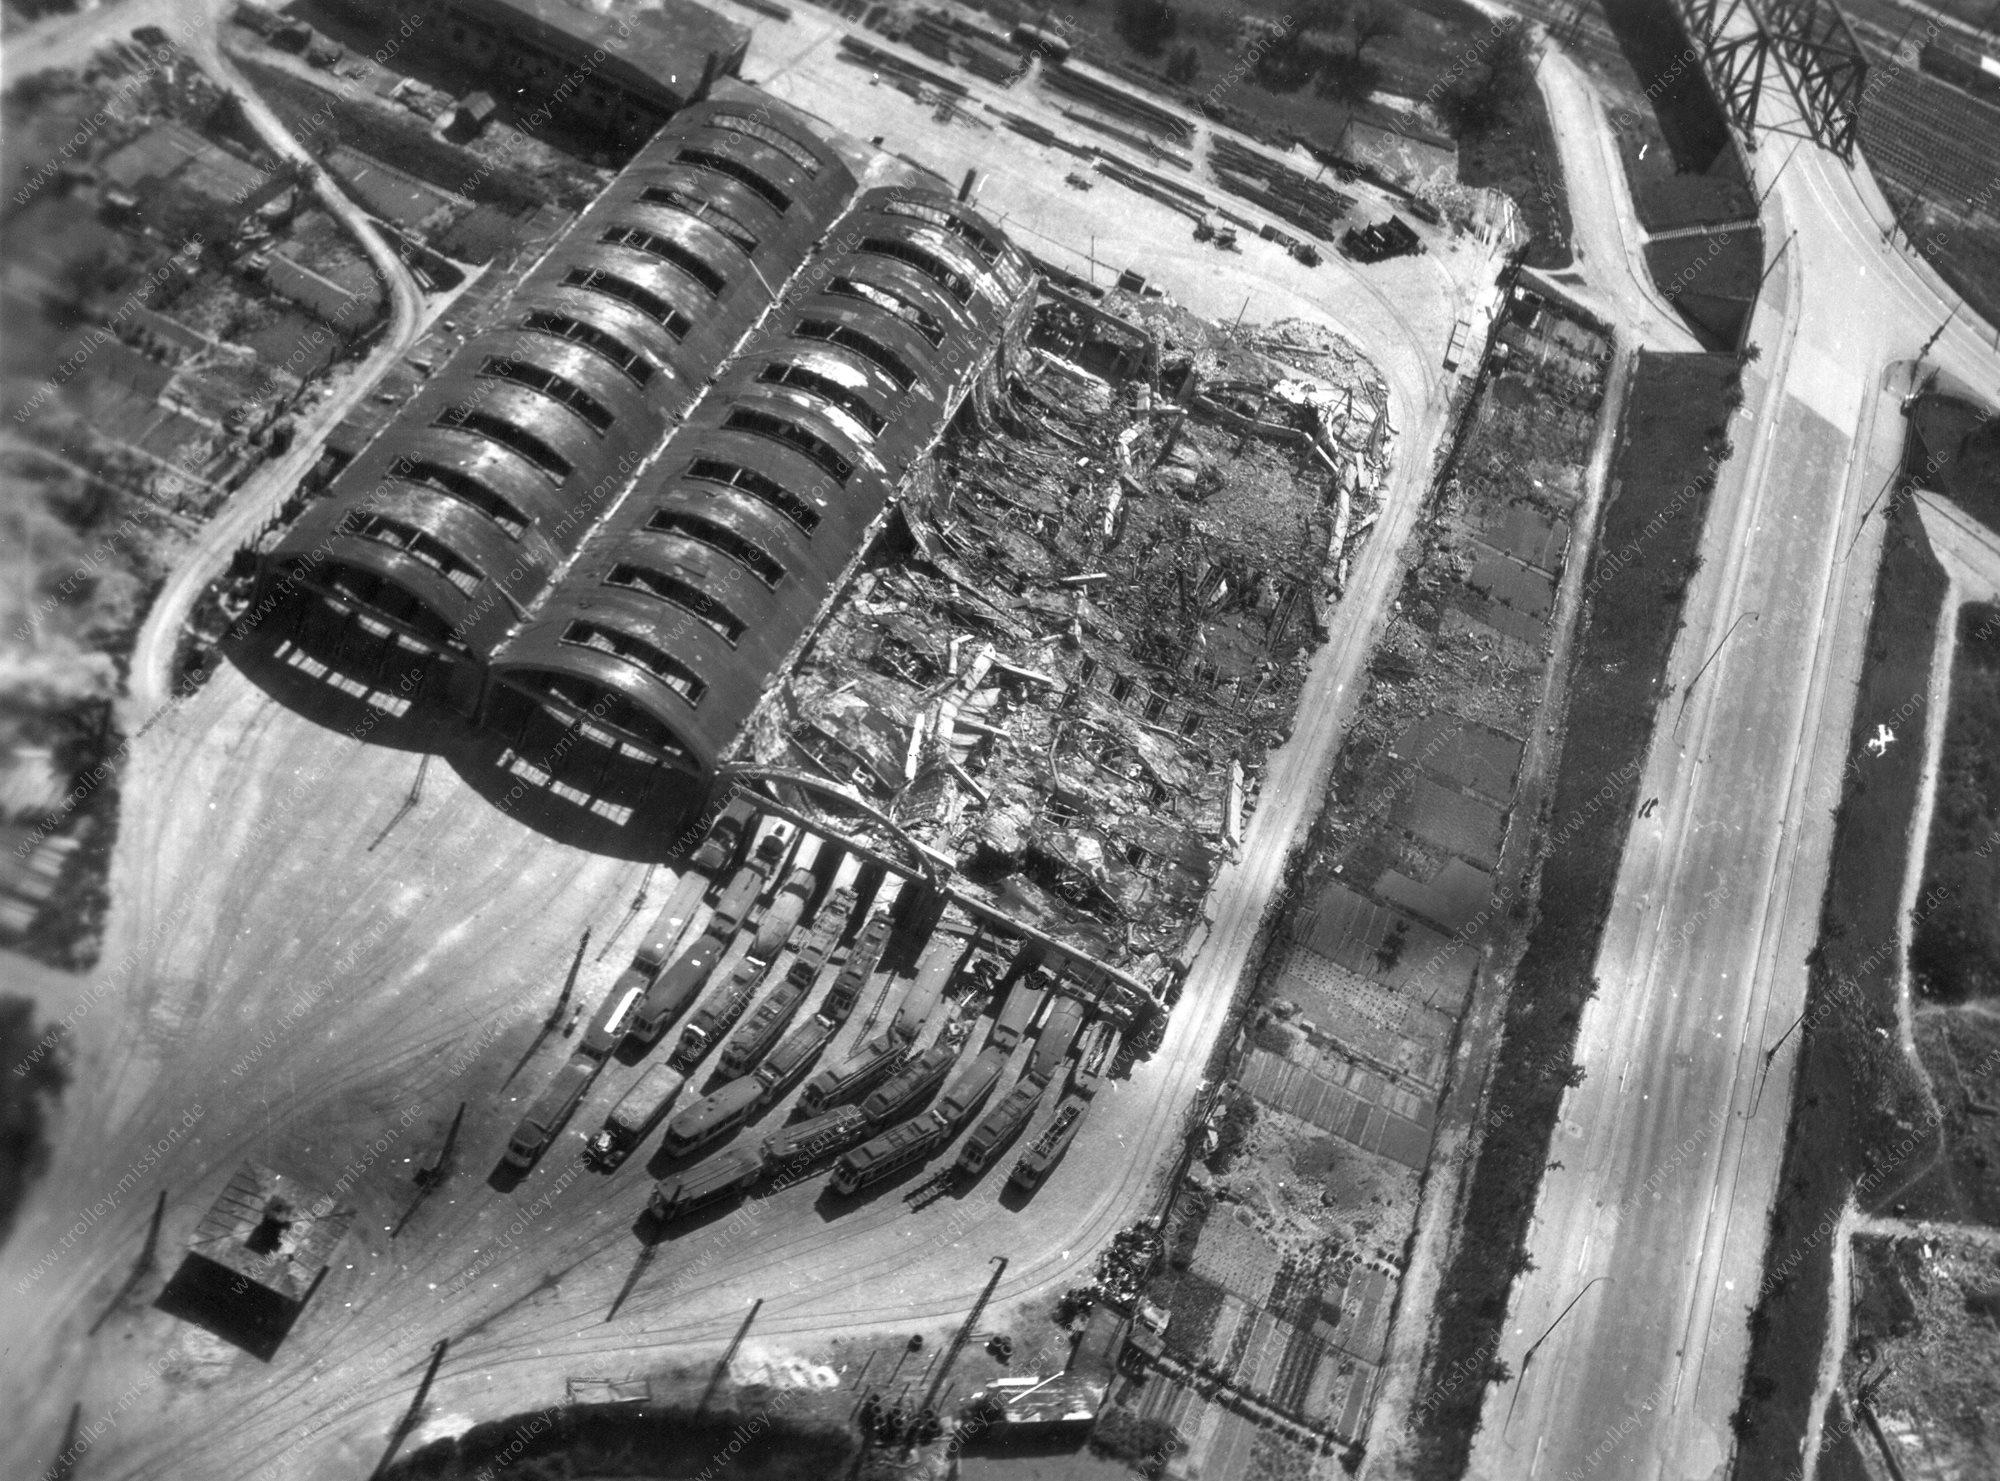 Luftbild vom alten Straßenbahndepot in Mannheim aus dem Weltkrieg